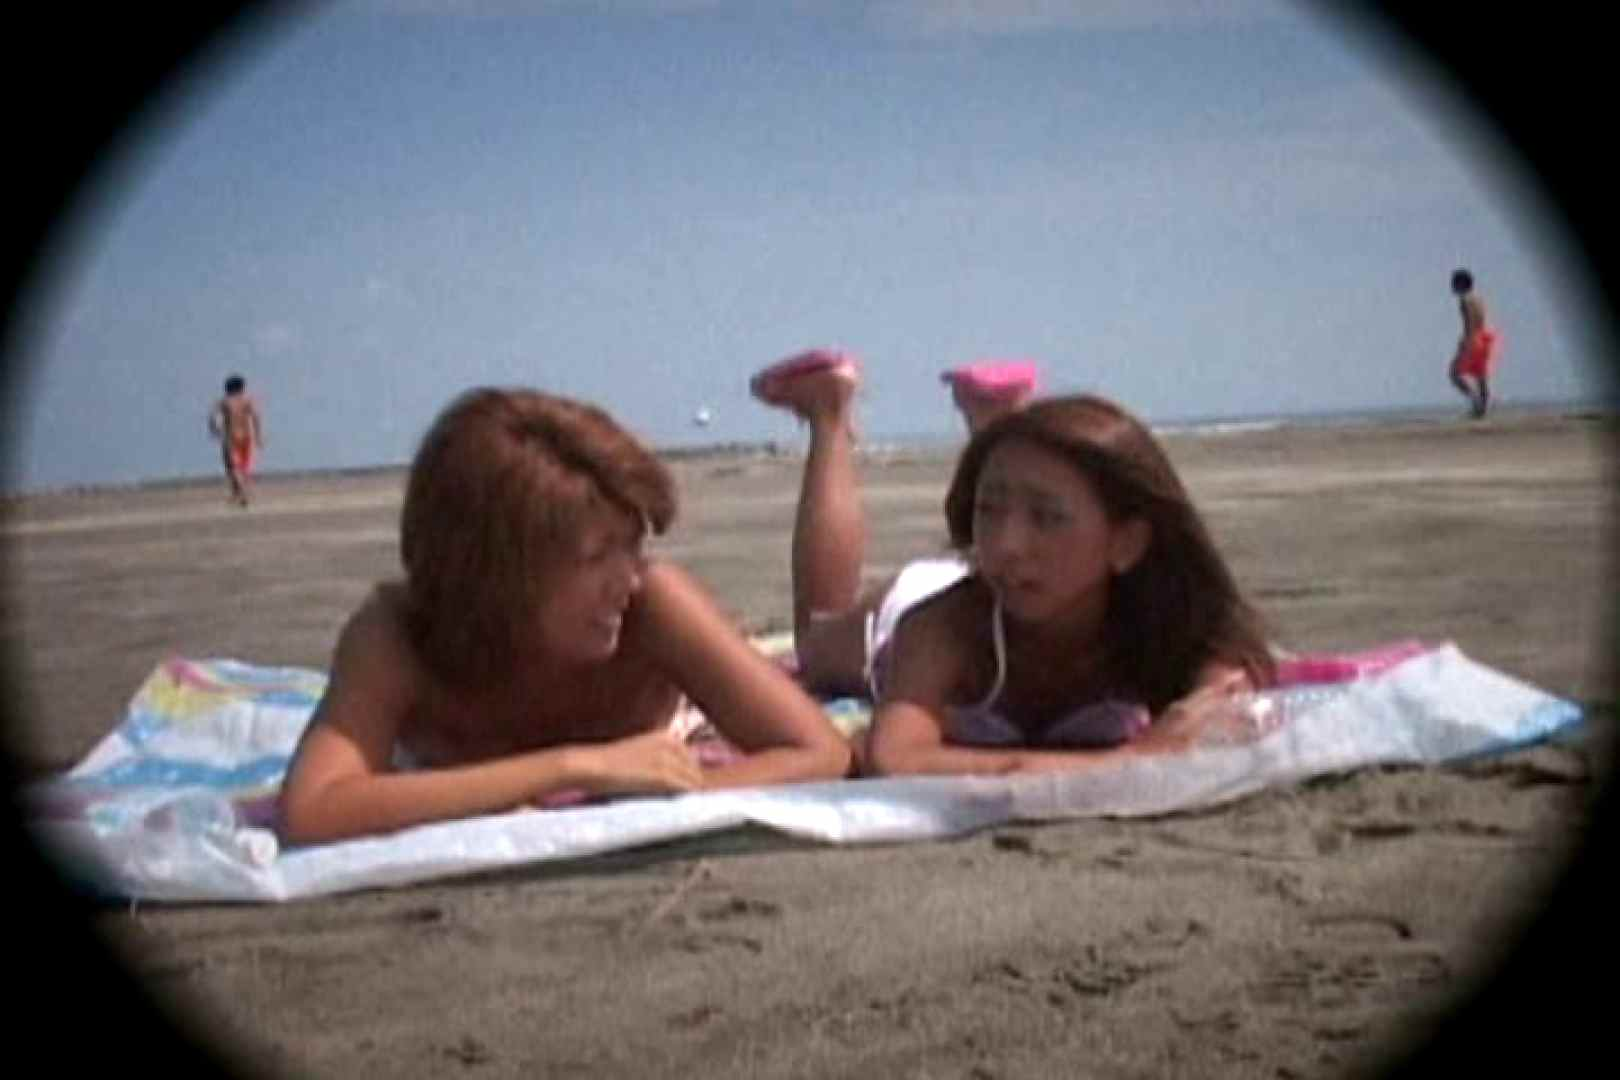 ビーチで発見!!はしゃぎ過ぎポロリギャルVol.1 エロティックなOL アダルト動画キャプチャ 76画像 44